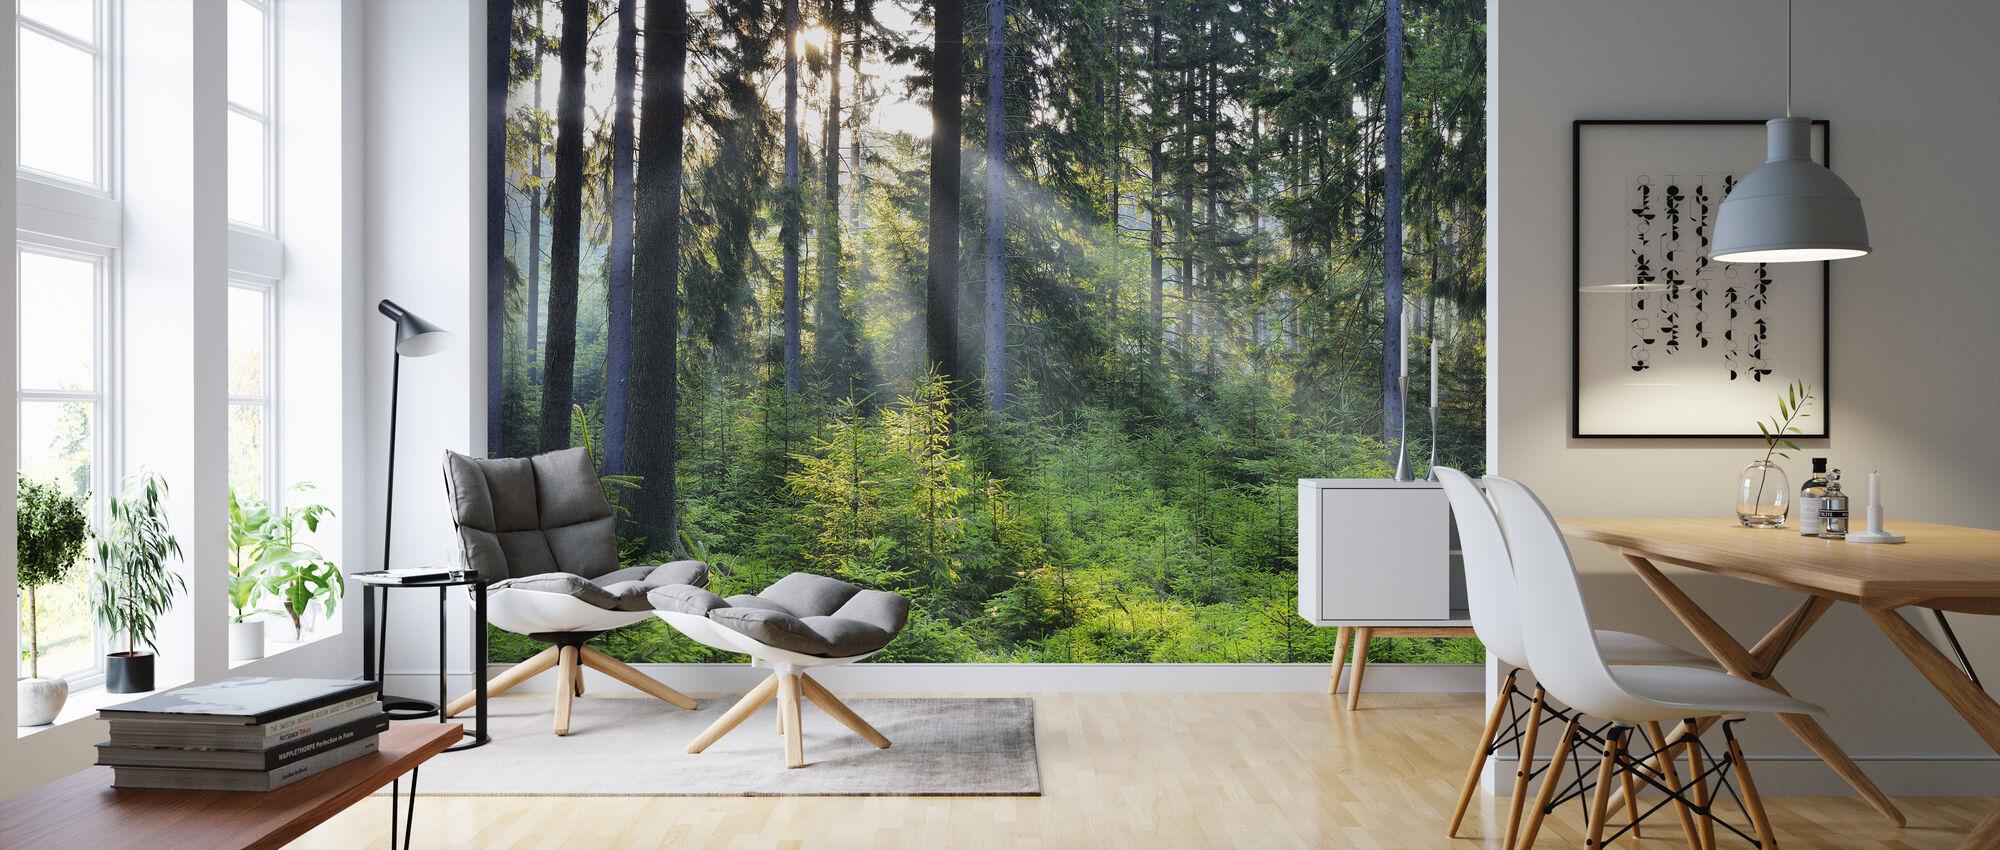 Metsä herääminen - Tapetti - Olohuone